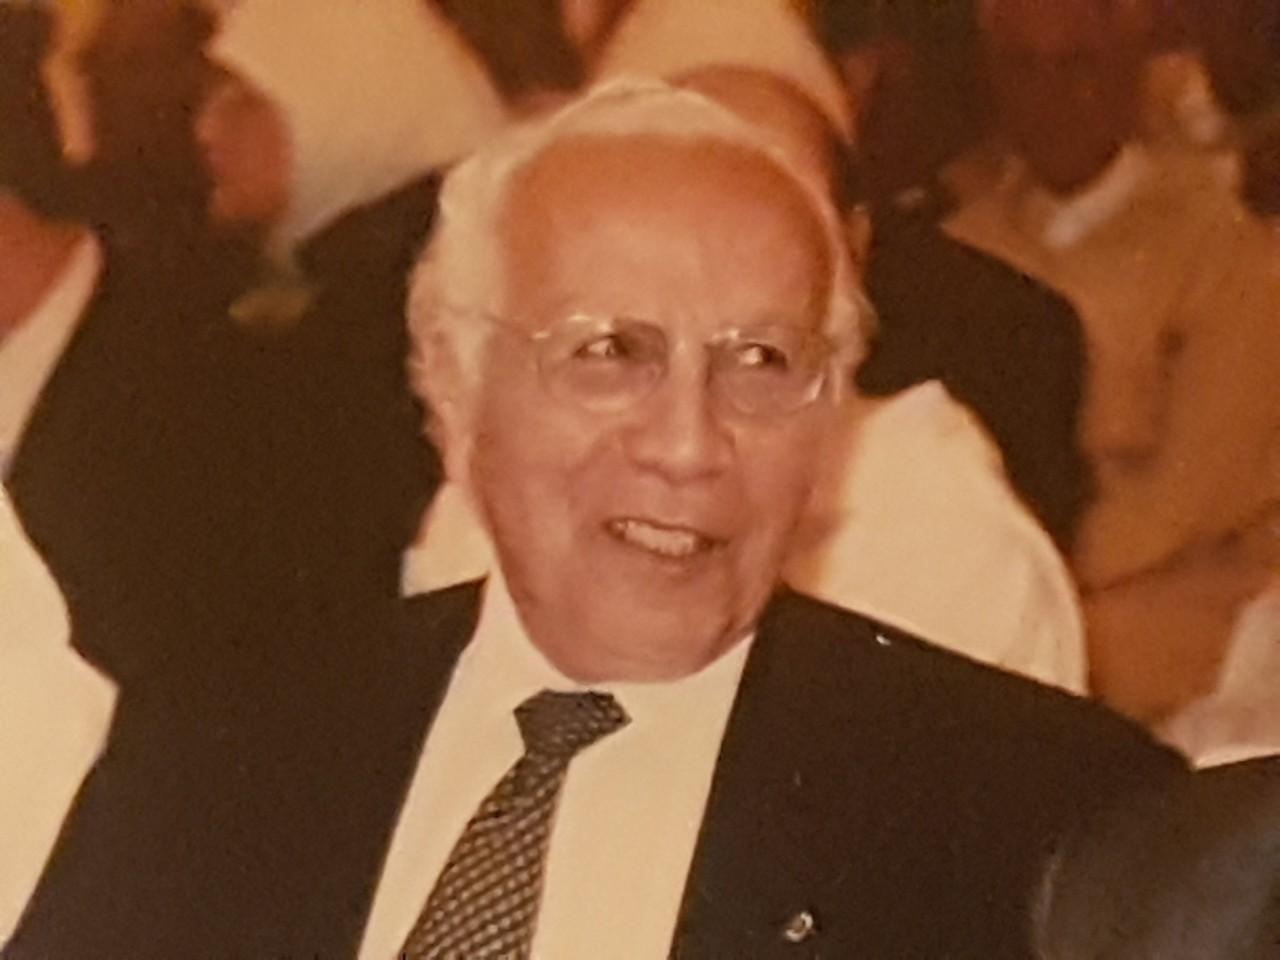 رحيل الوزير والدبلوماسي الاستقلالي الأسبق عمر بوستة يفجع المشهد السياسي المغربي